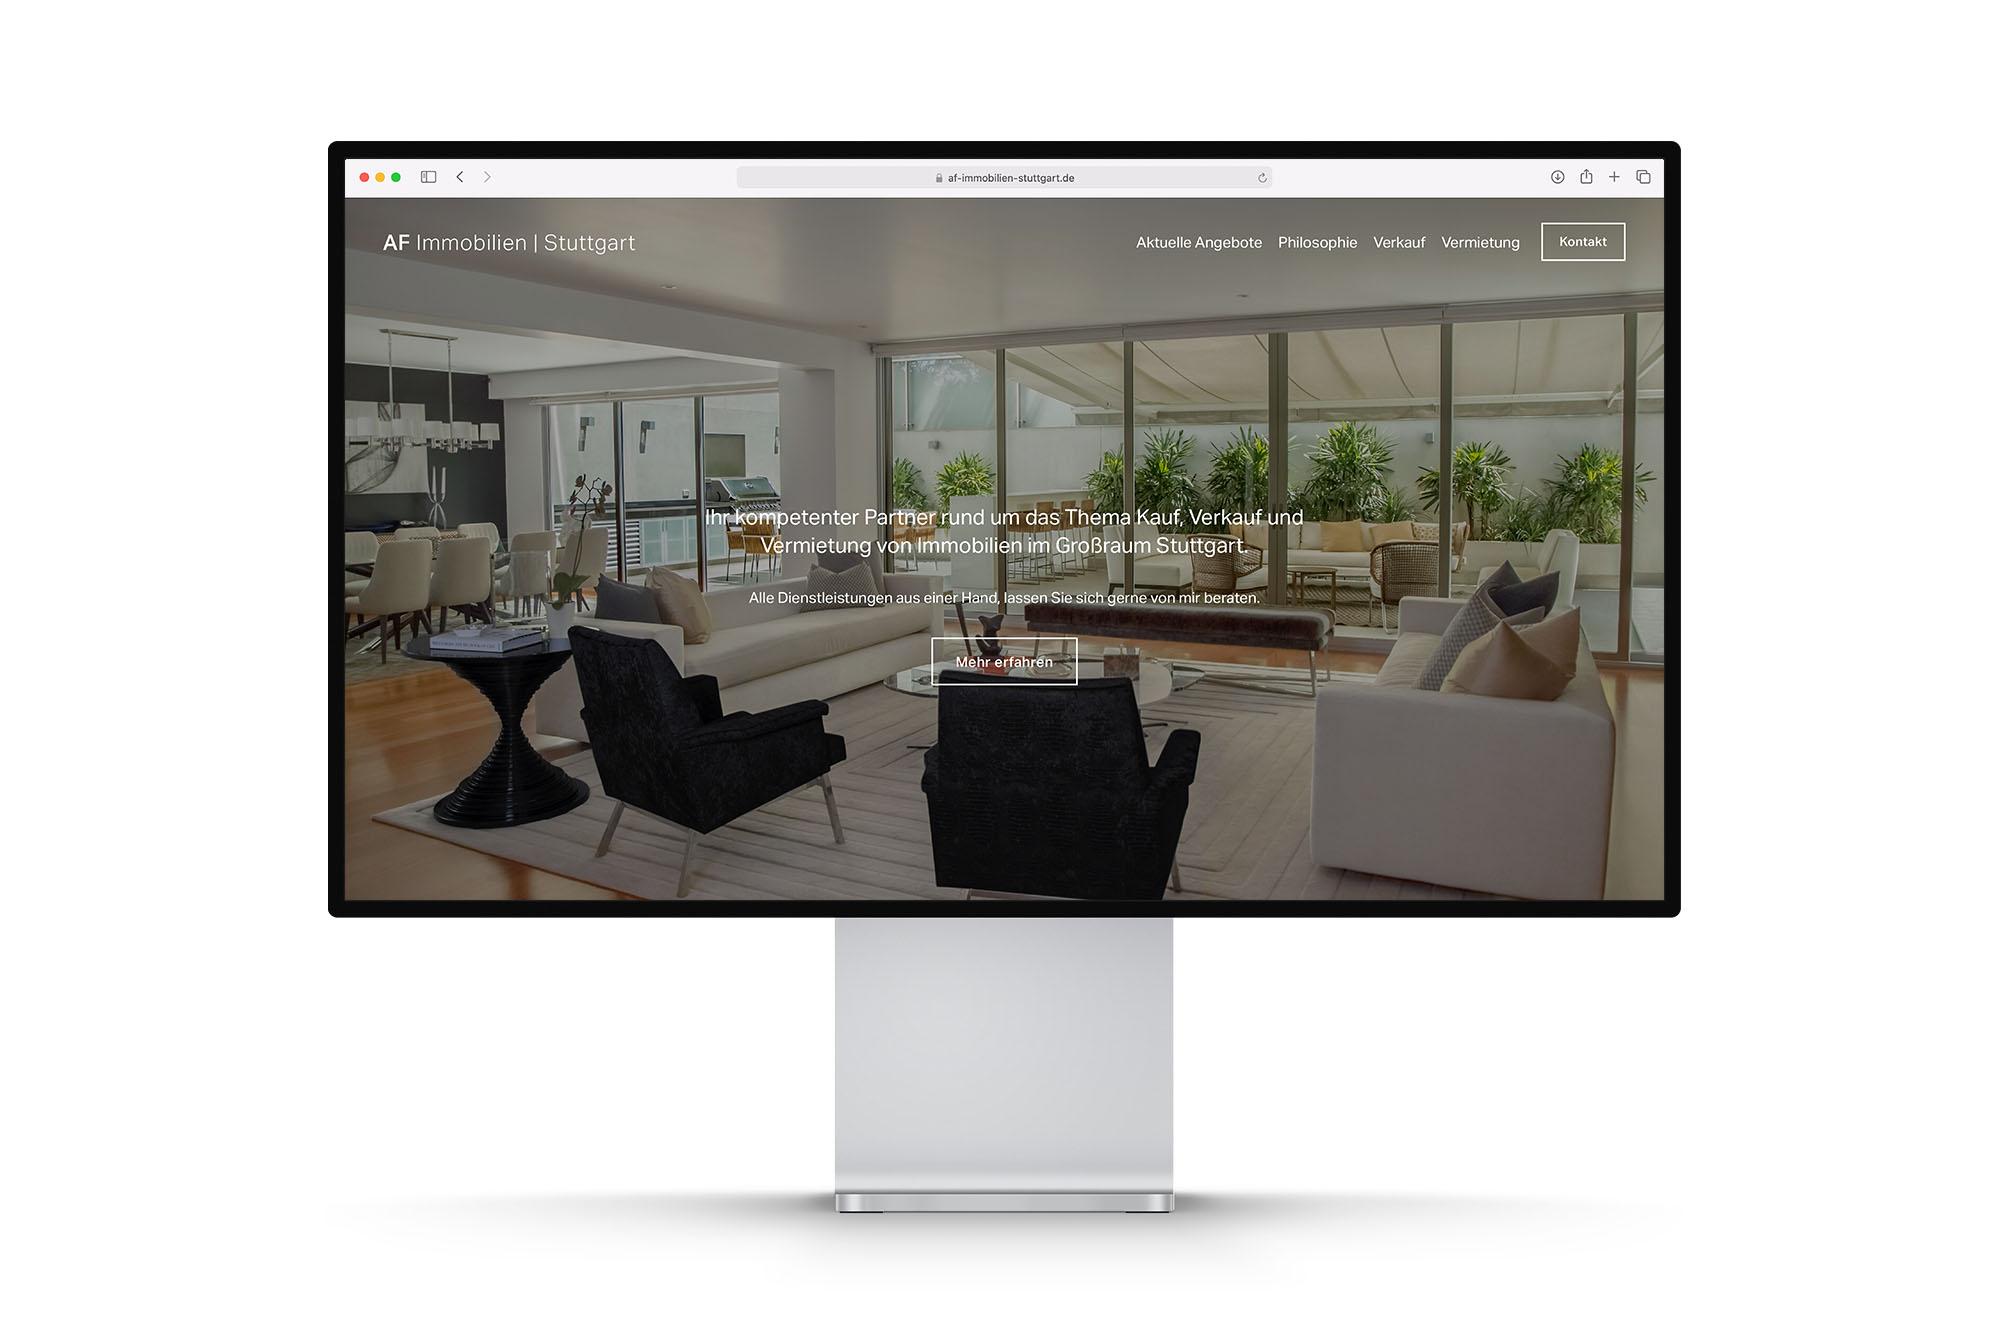 AF-Immobilien-Stuttgart_Mockups_Website_01